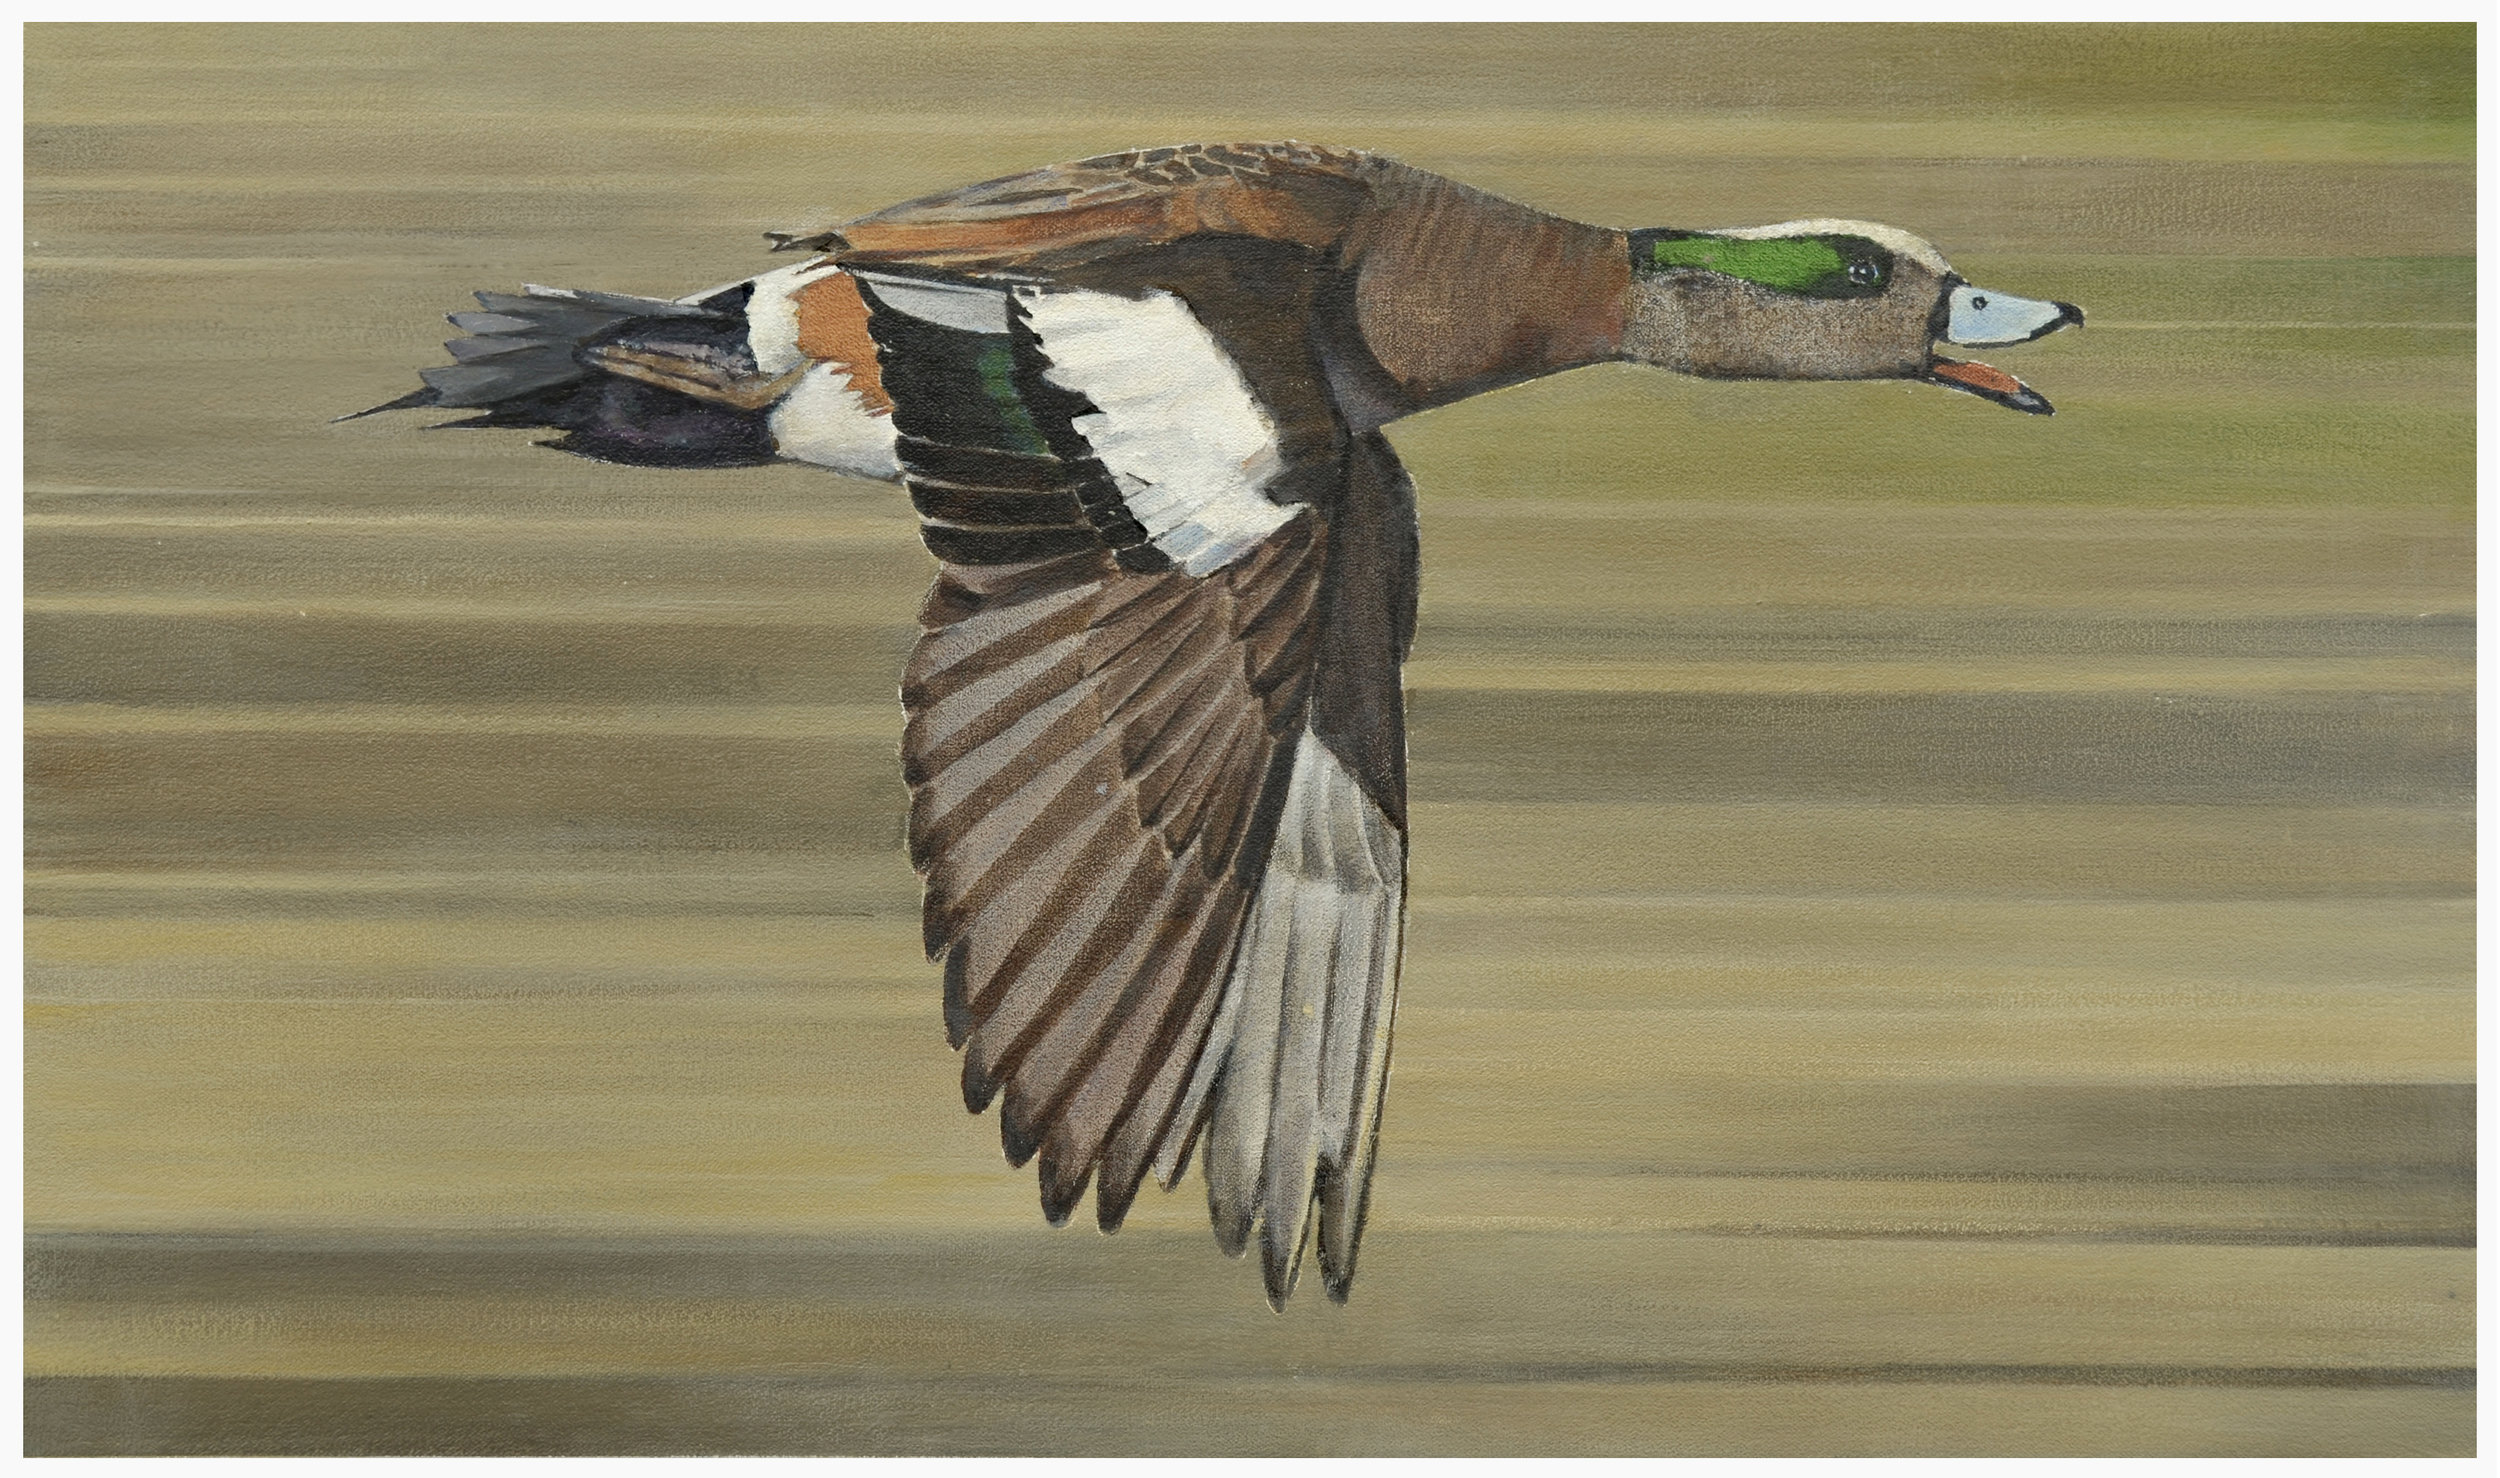 Bird in Flight - American Widgeon